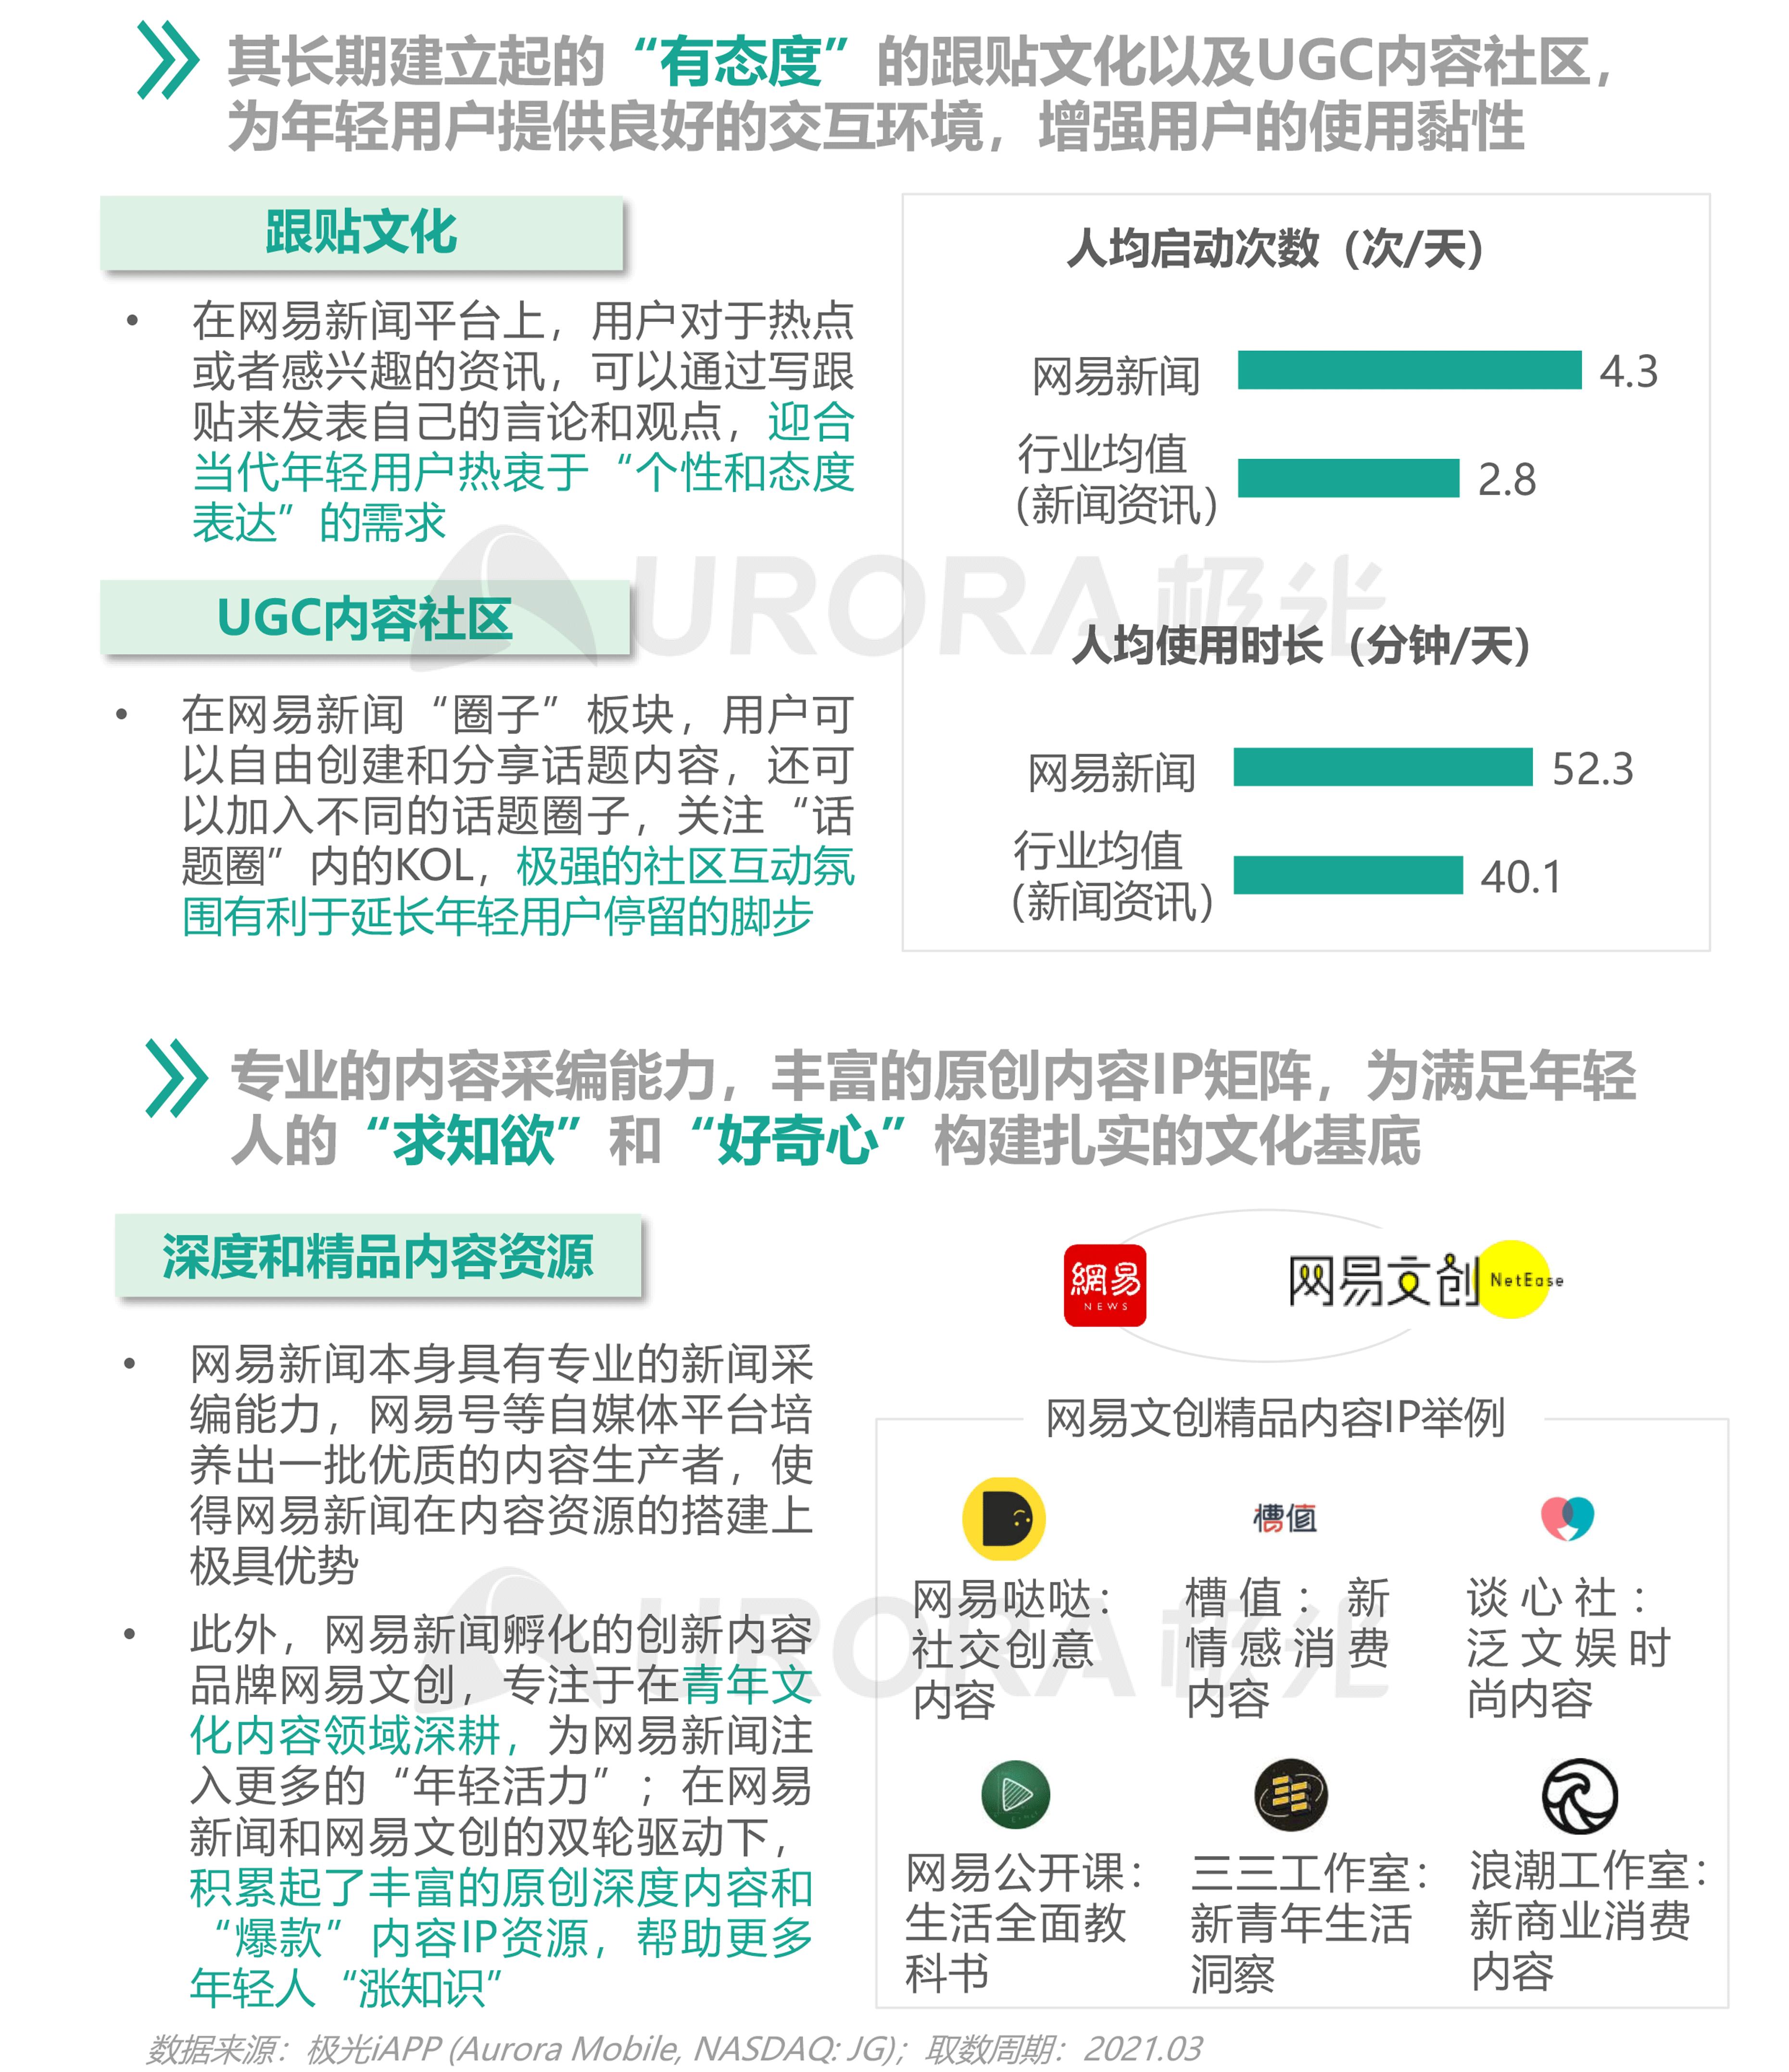 2021年轻人营销趋势研究报告【定稿】-40.png